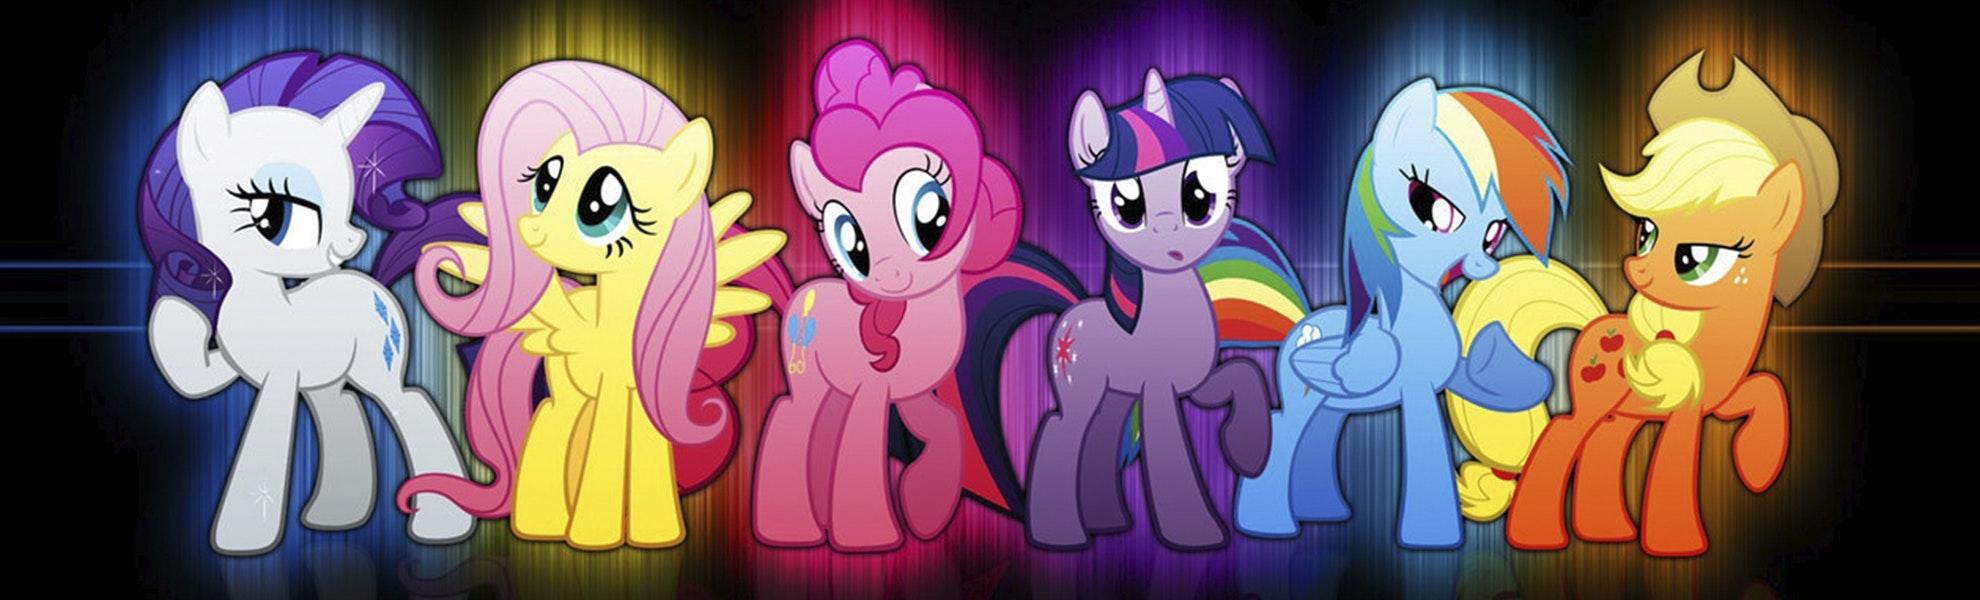 My Little Pony Premier CCG Bundle